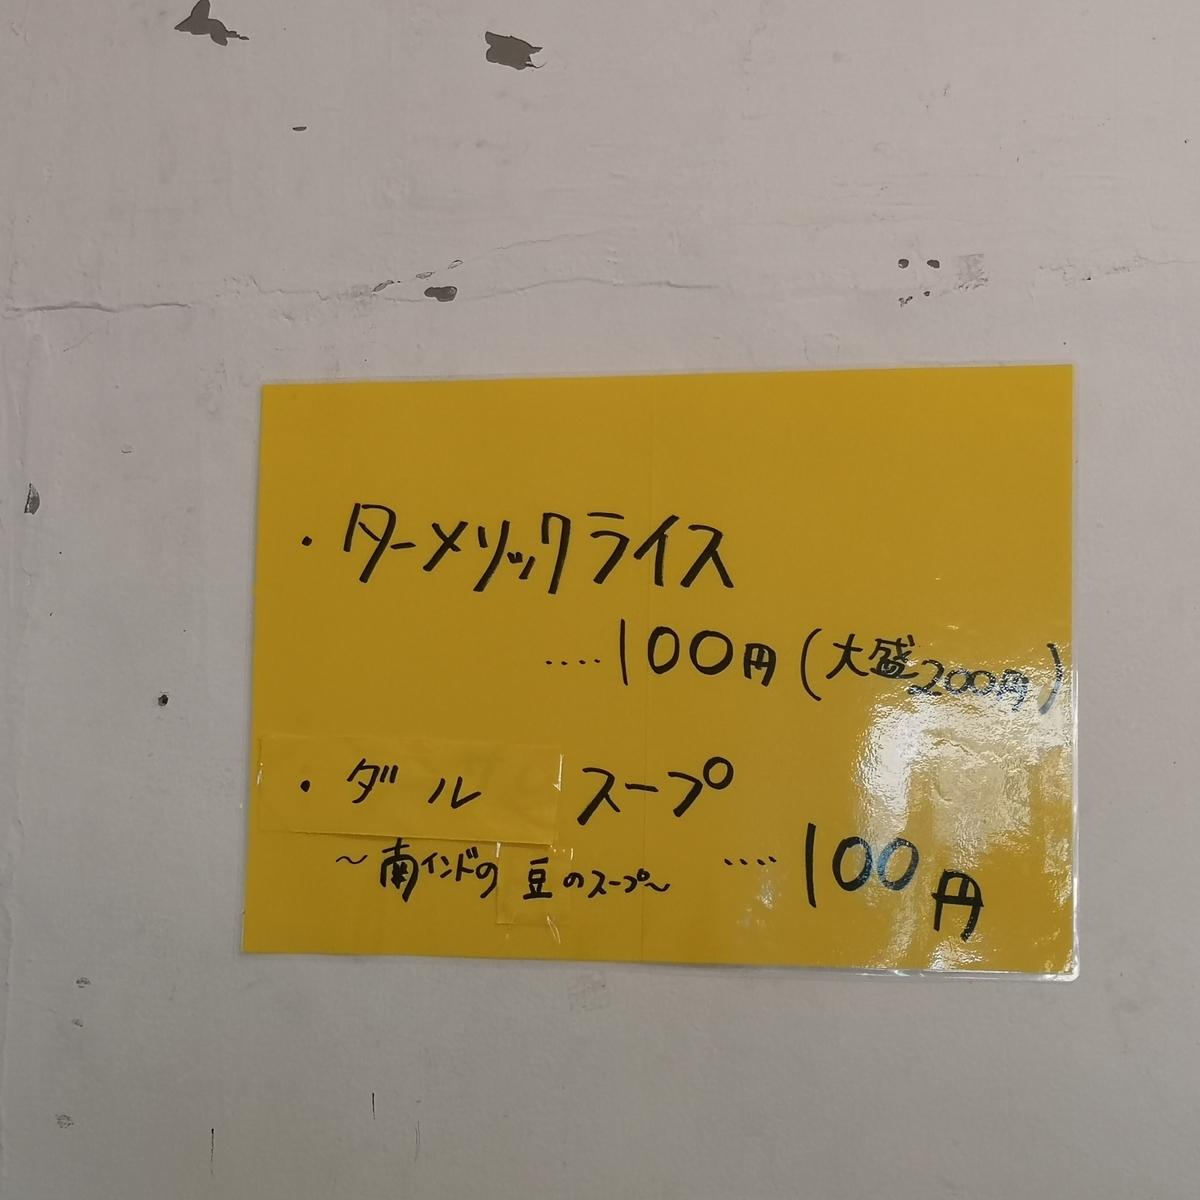 カレー事情聴取スパイス定食&バルVol.7 ターメリックライス ダルスープ